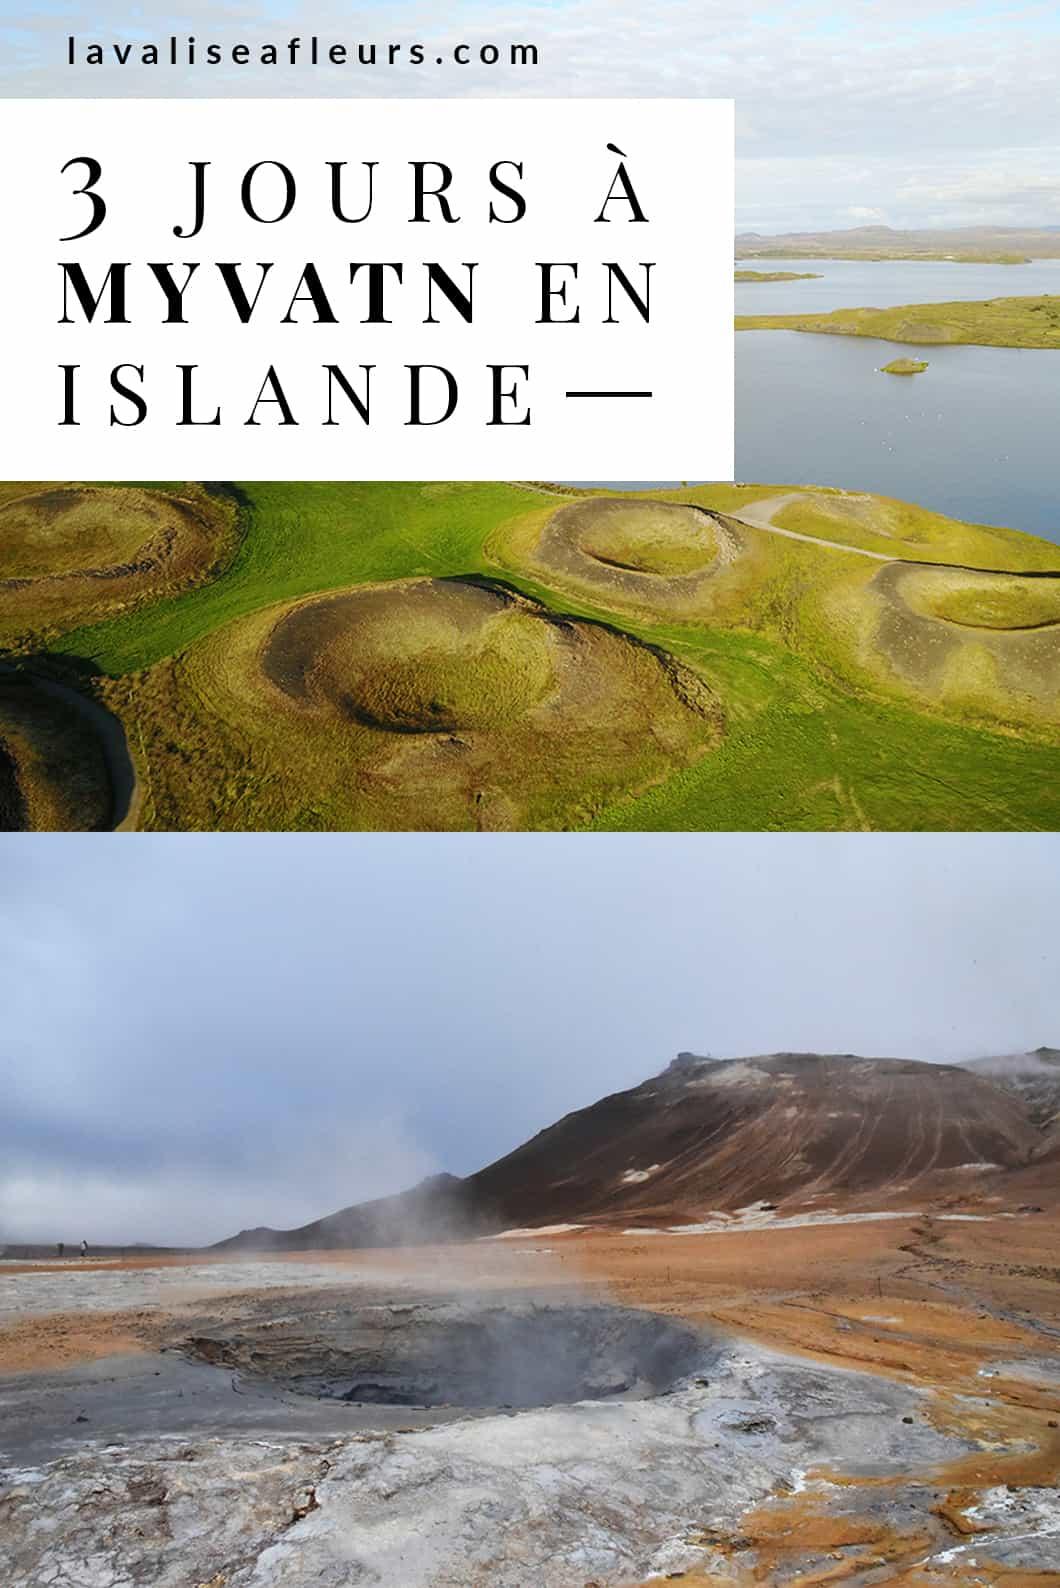 Que faire 3 jours à Myvatn en Islande ? Notre guide voyage